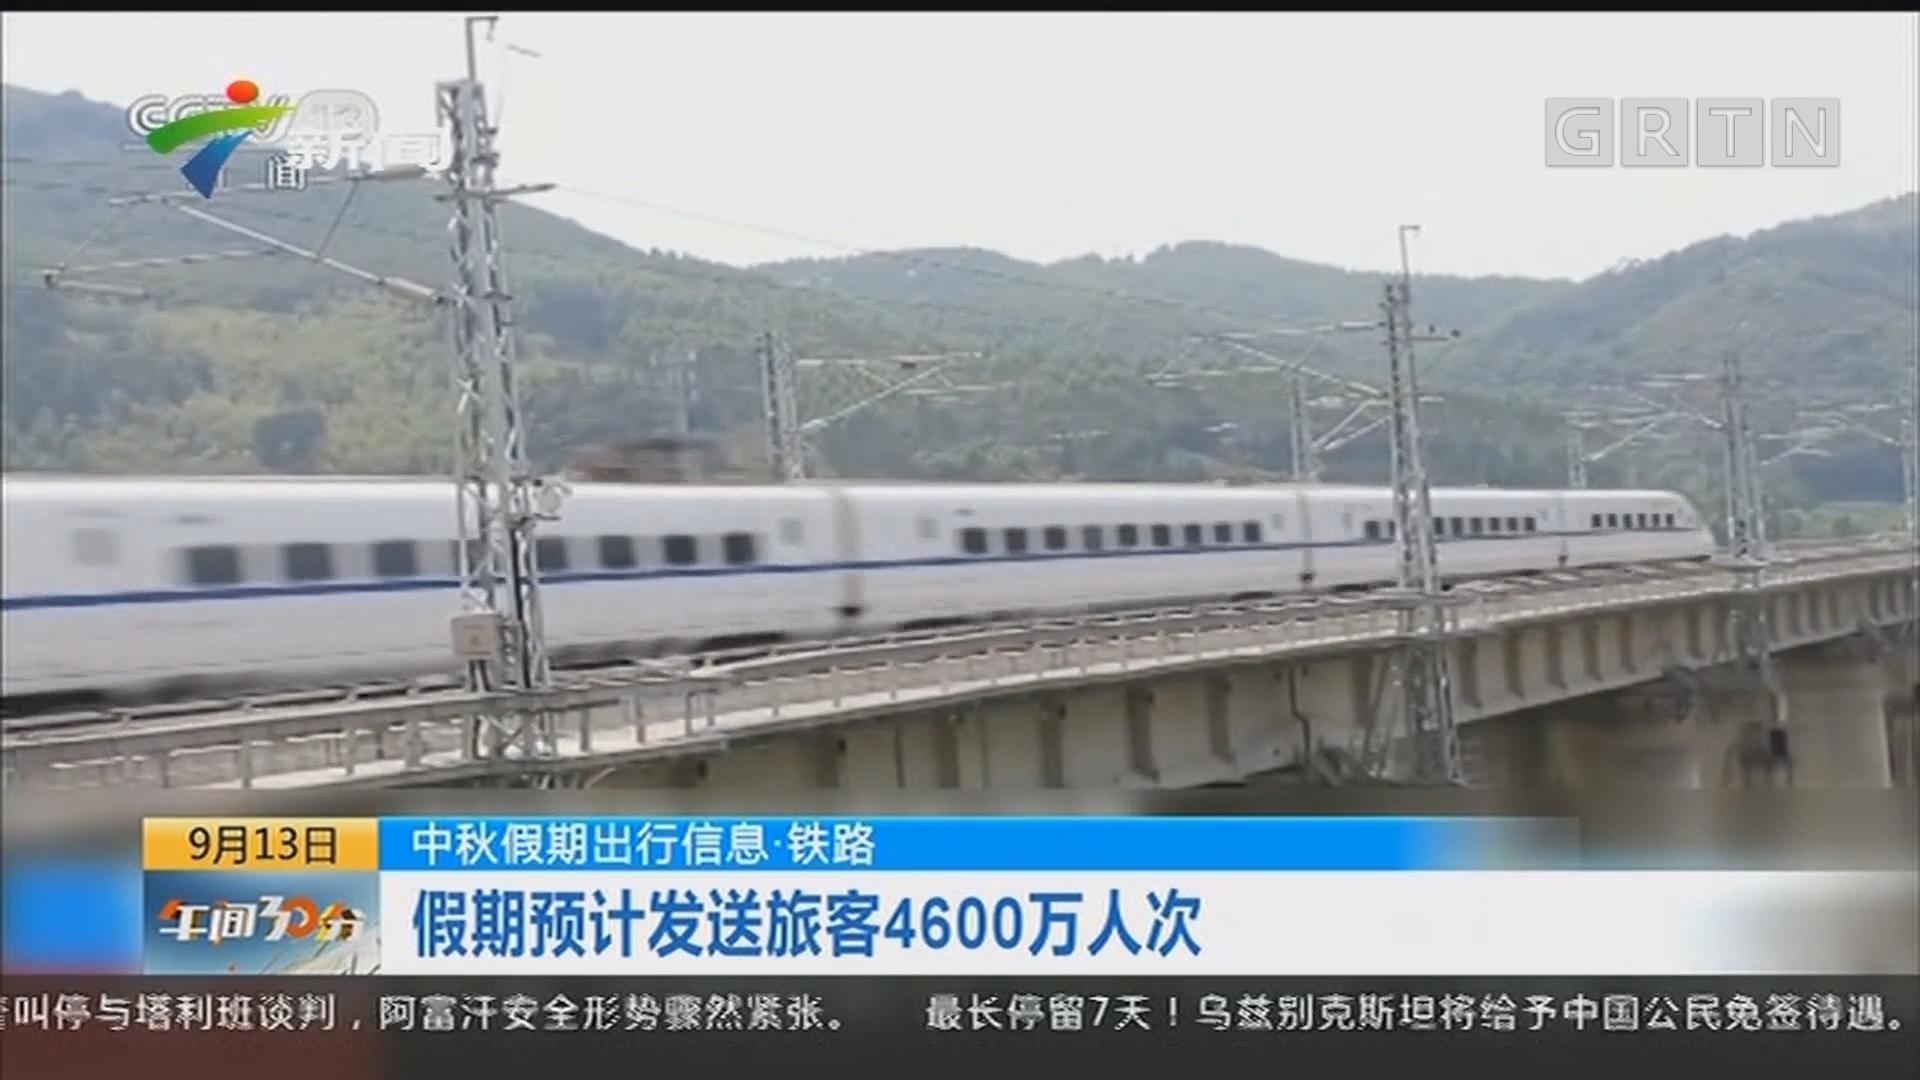 中秋假期出行信息·铁路:假期预计发送旅客4600万人次